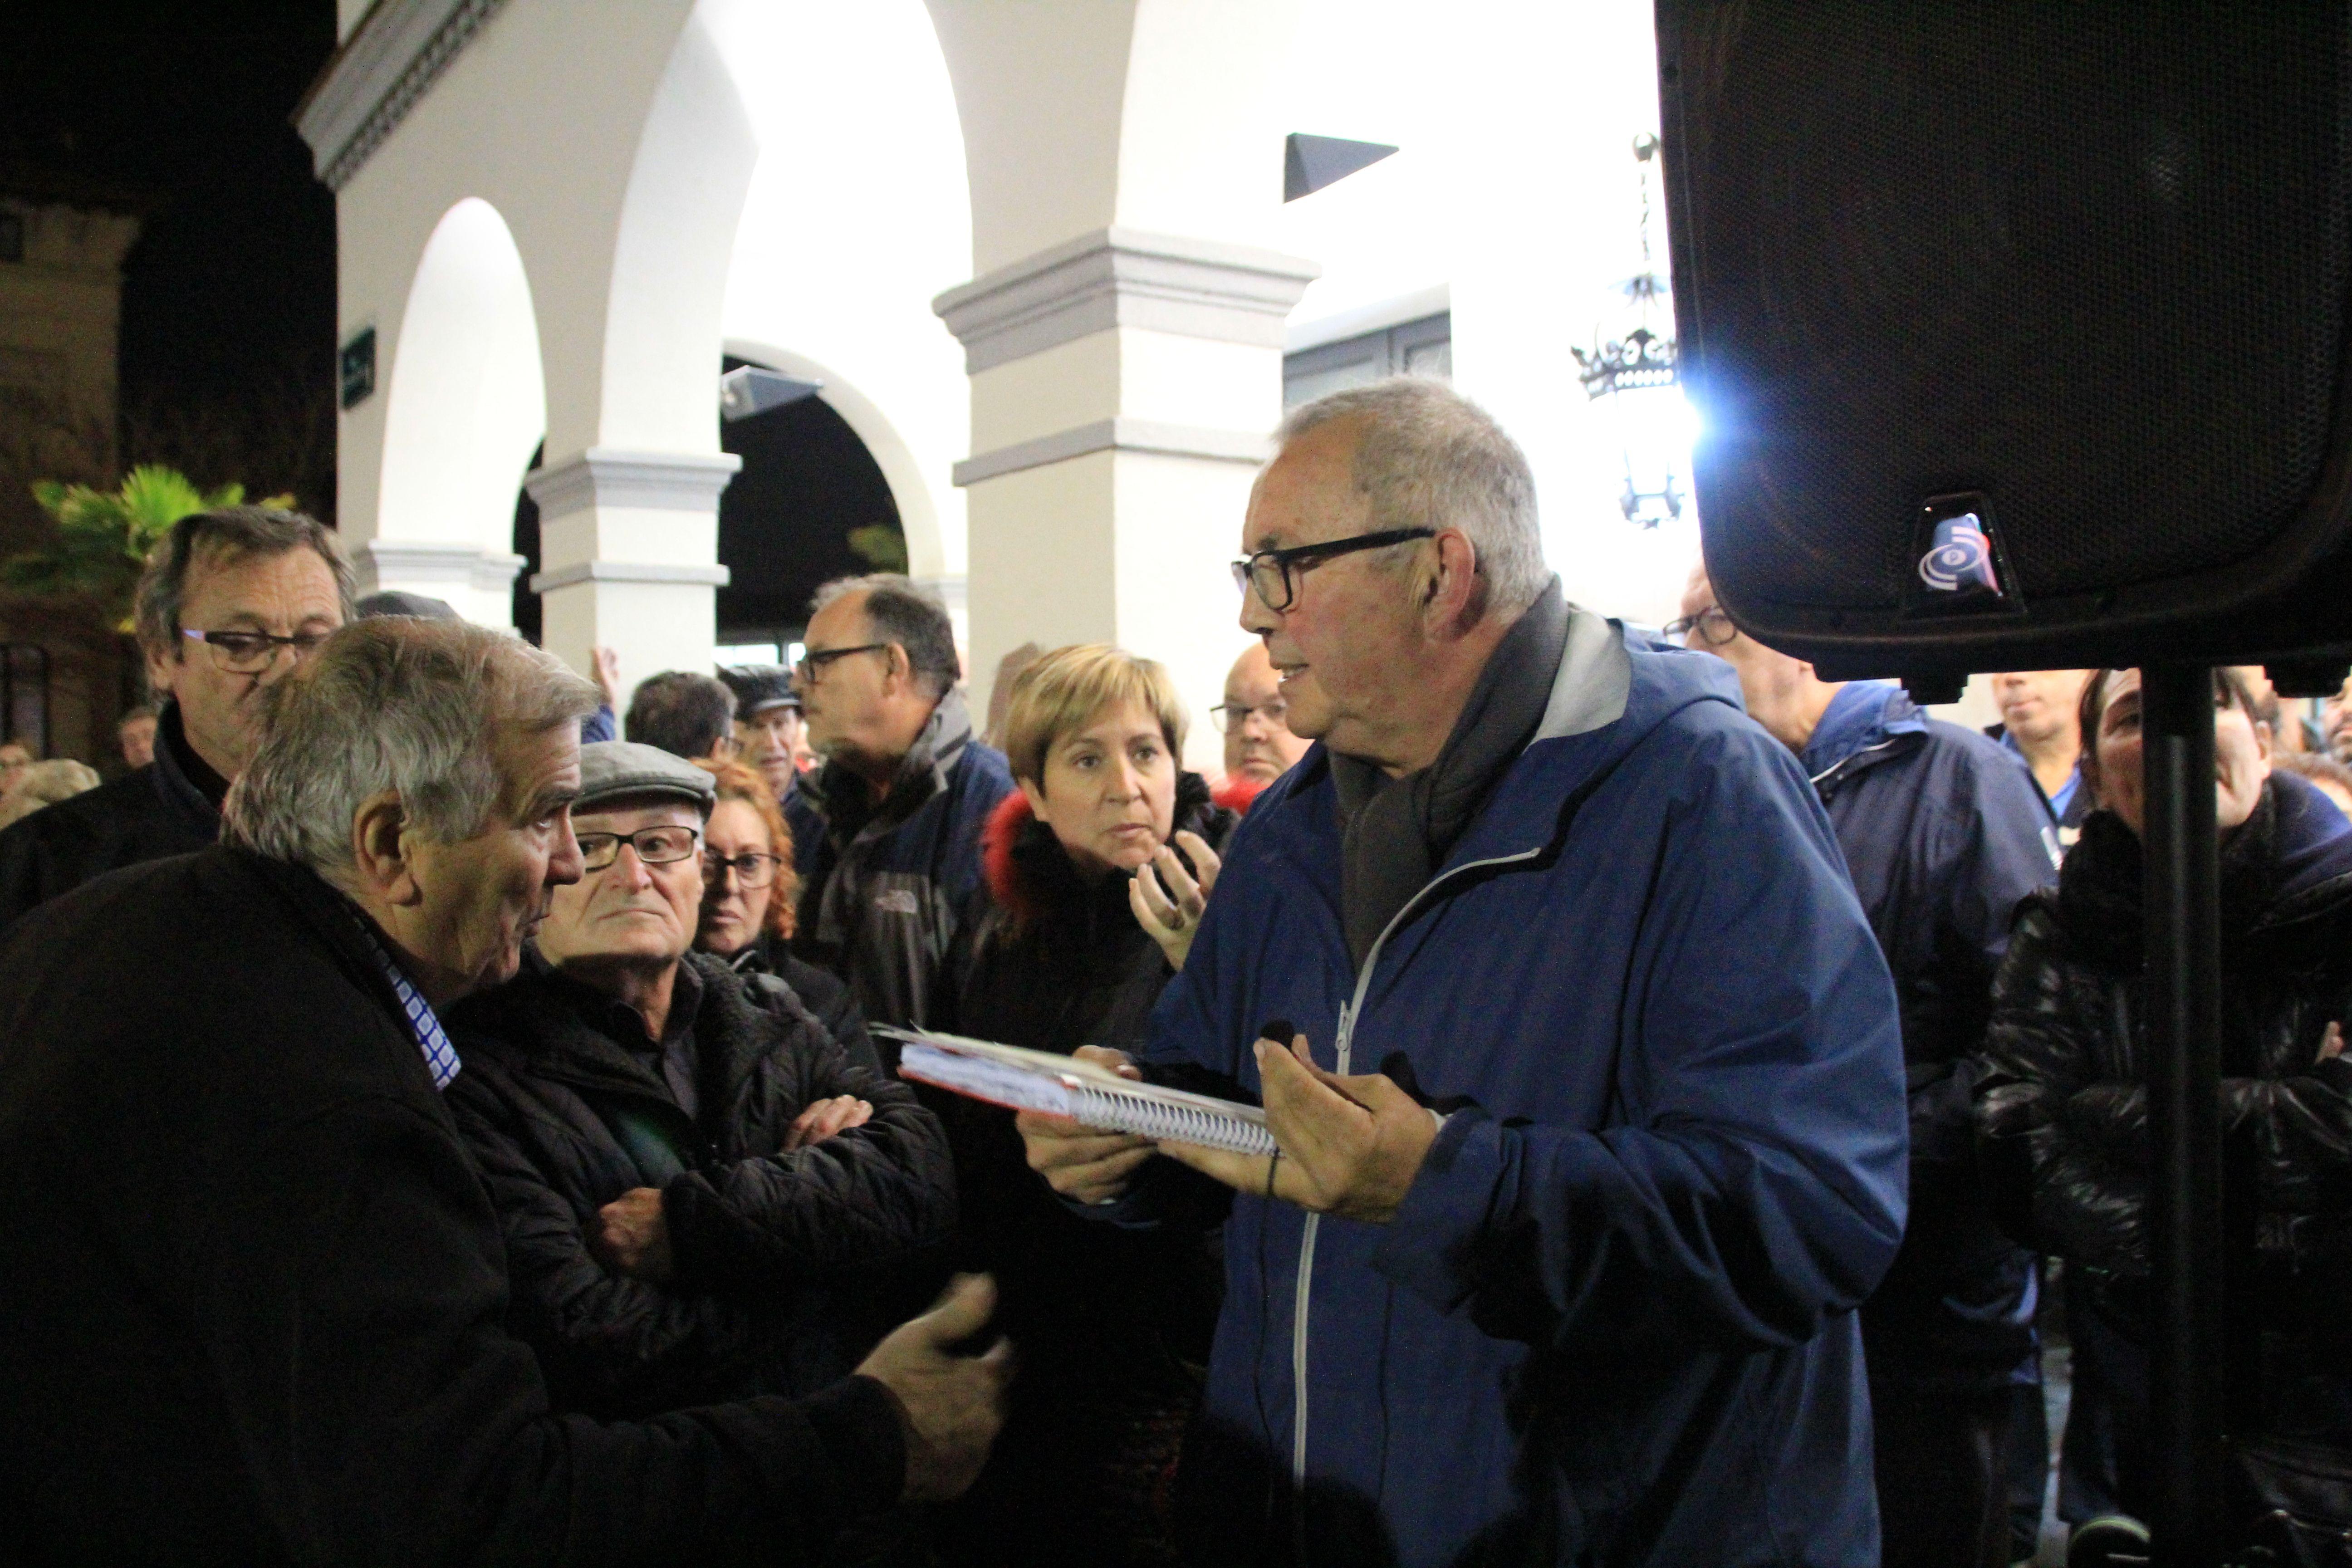 La Plataforma NO tribut va informar sobre la reunió amb l'Ajuntament als concentrats el 13 de novembre a la Plaça Francesc Layret